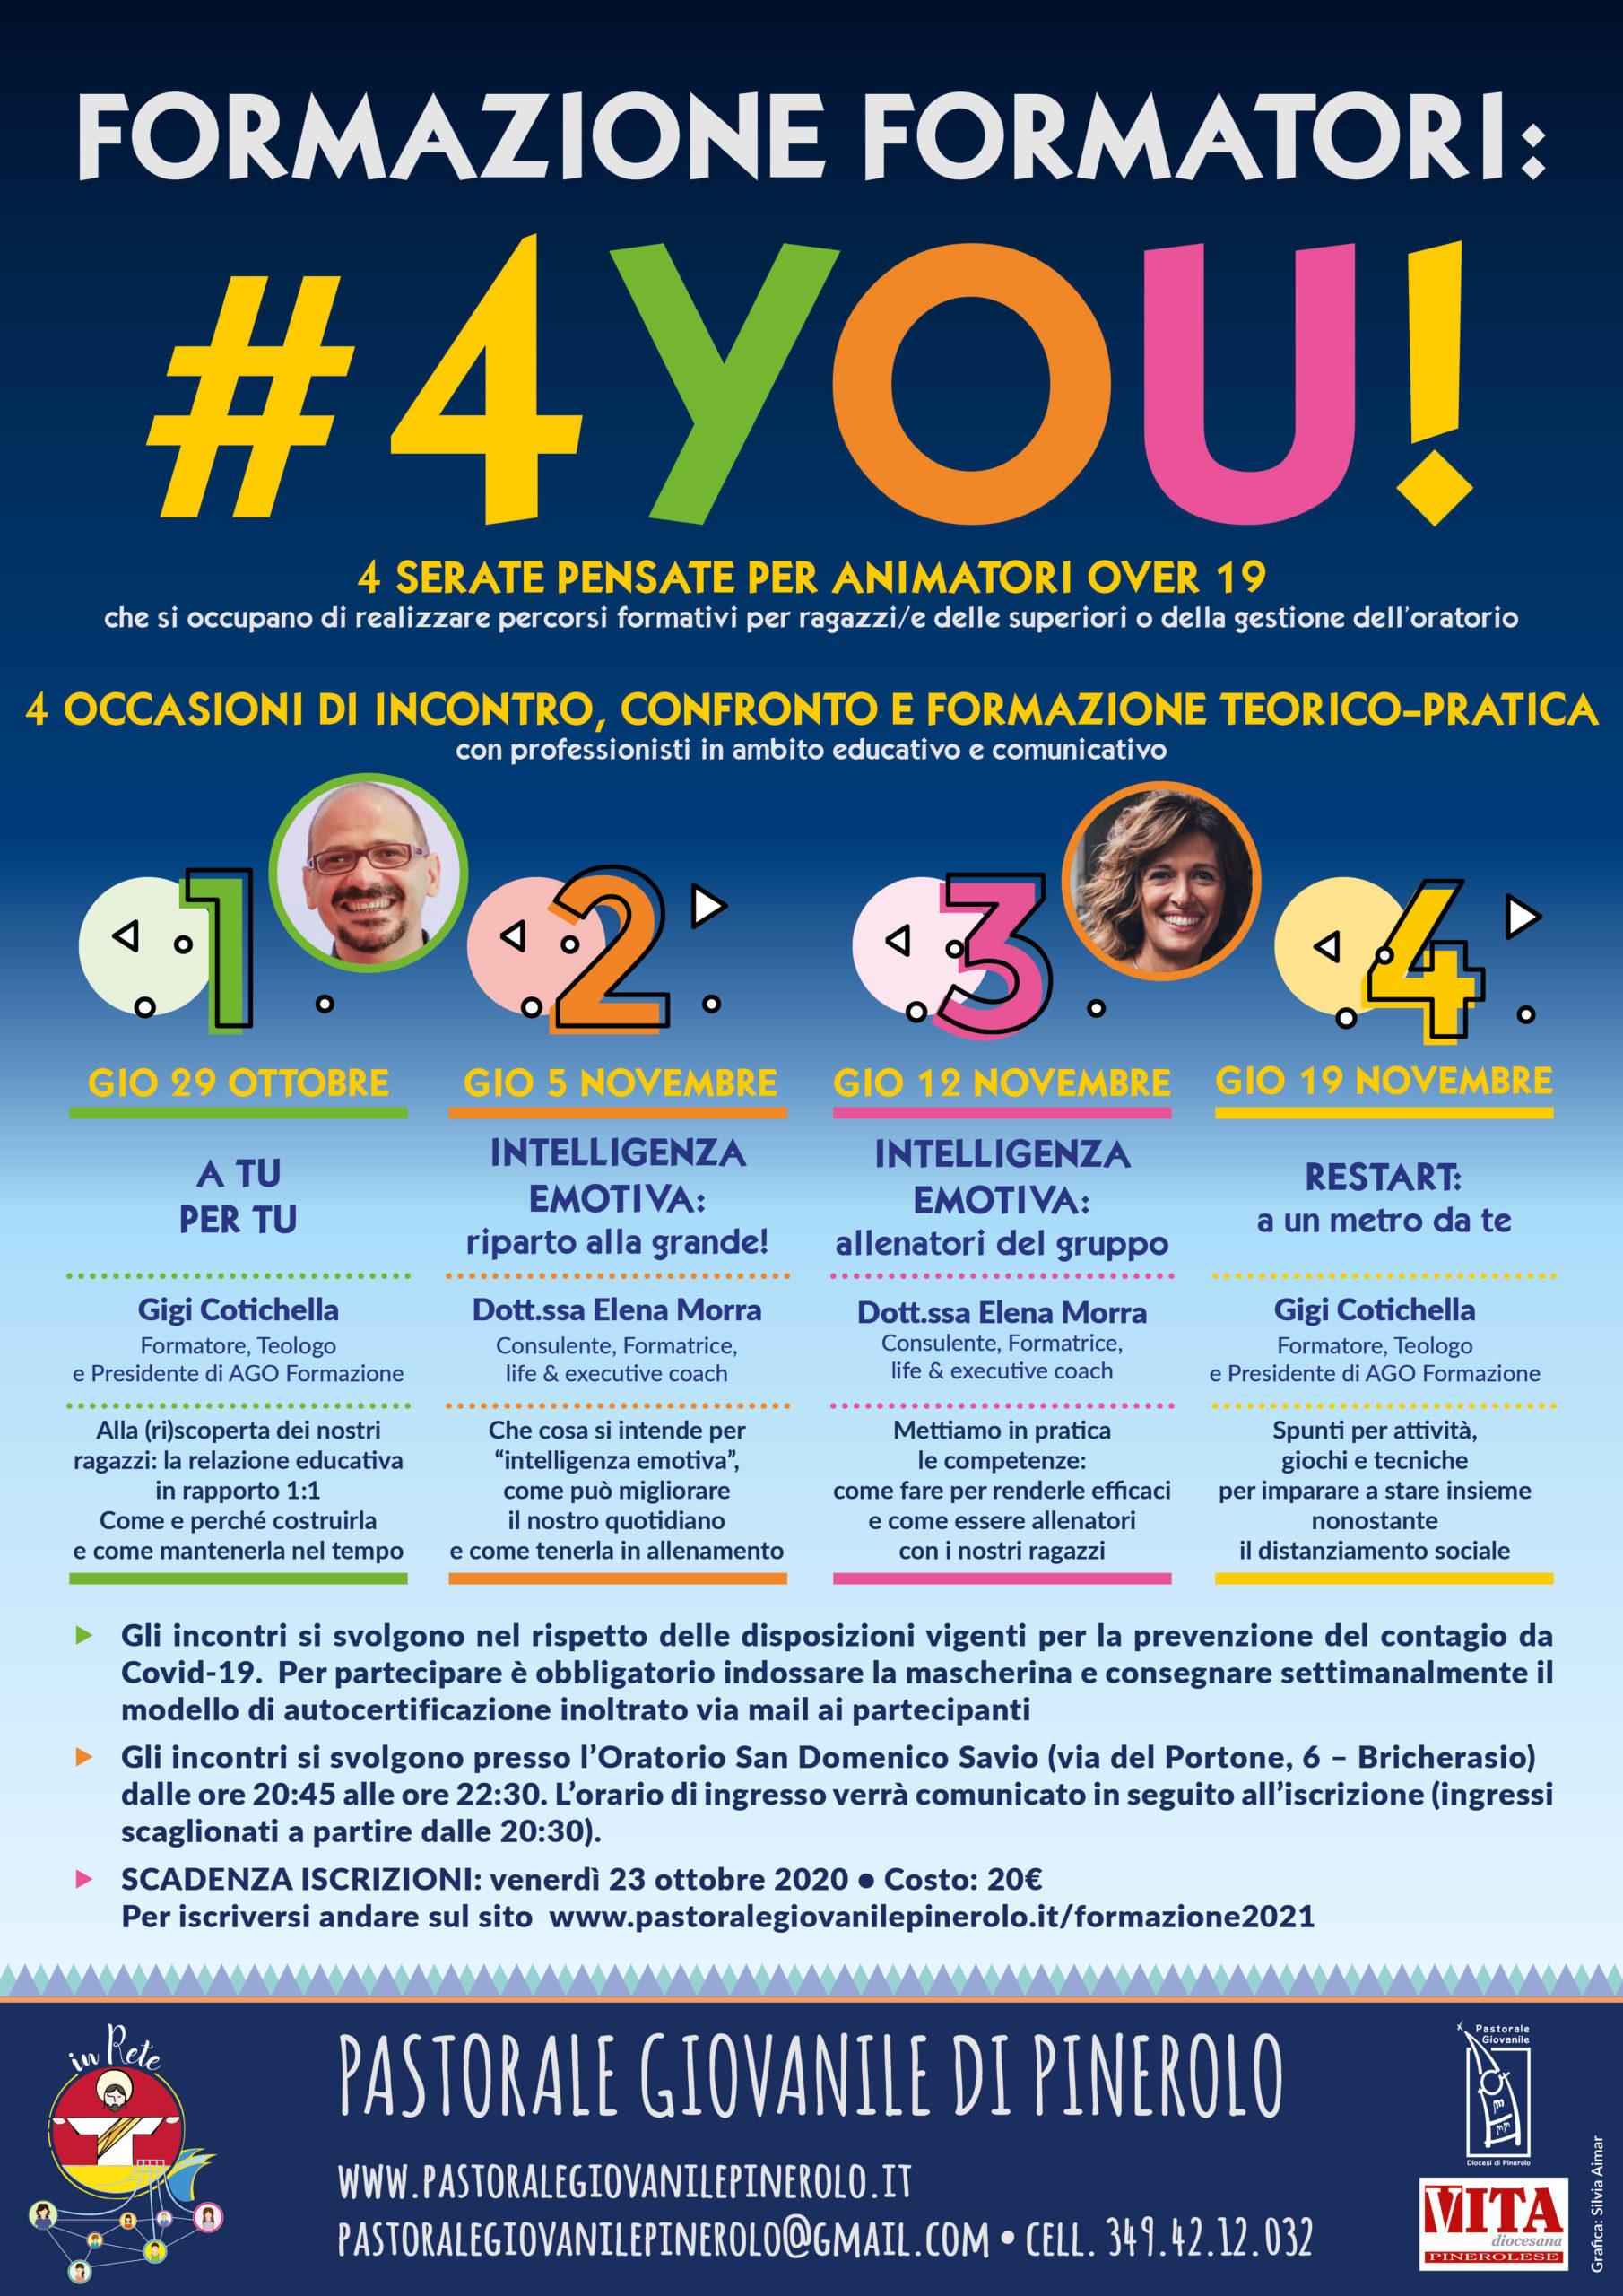 Formazione Formatori #4YOU! 2020-21 - 29 ottobre - 5 novembre - 12 novembre - 19 novembre